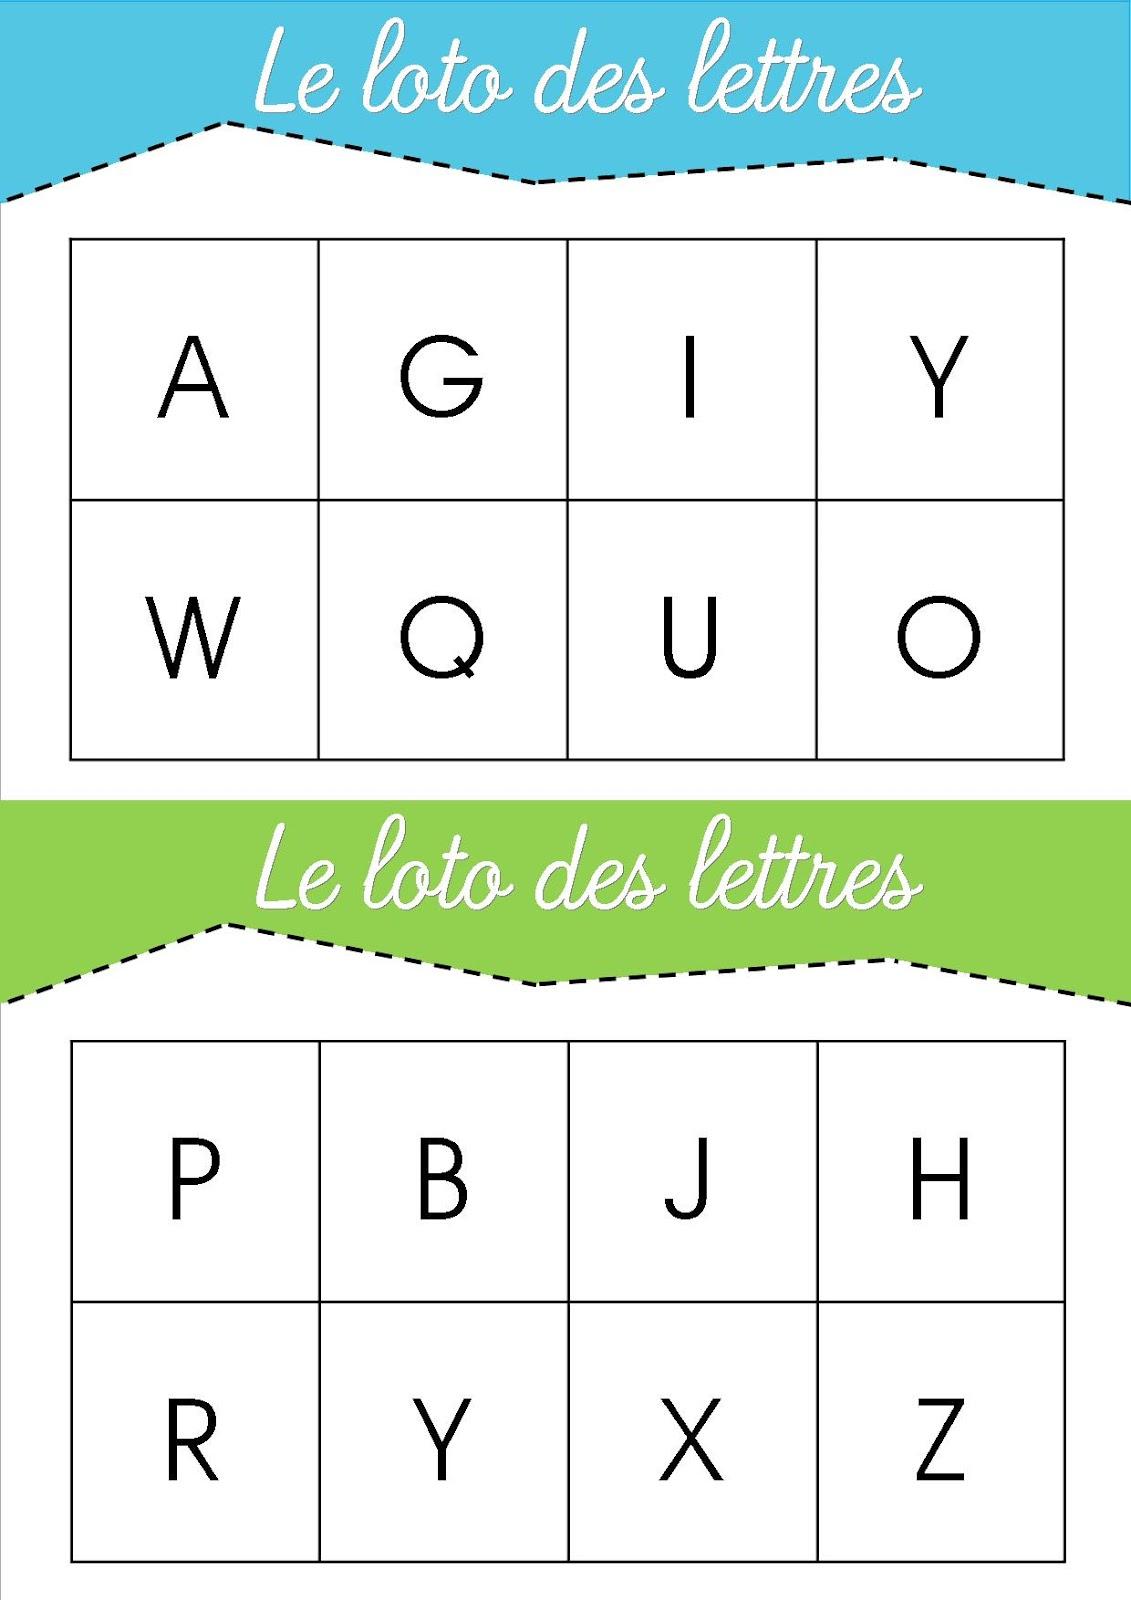 La Maternelle De Laurène: Le Loto Des Lettres à Apprendre Les Lettres Maternelle